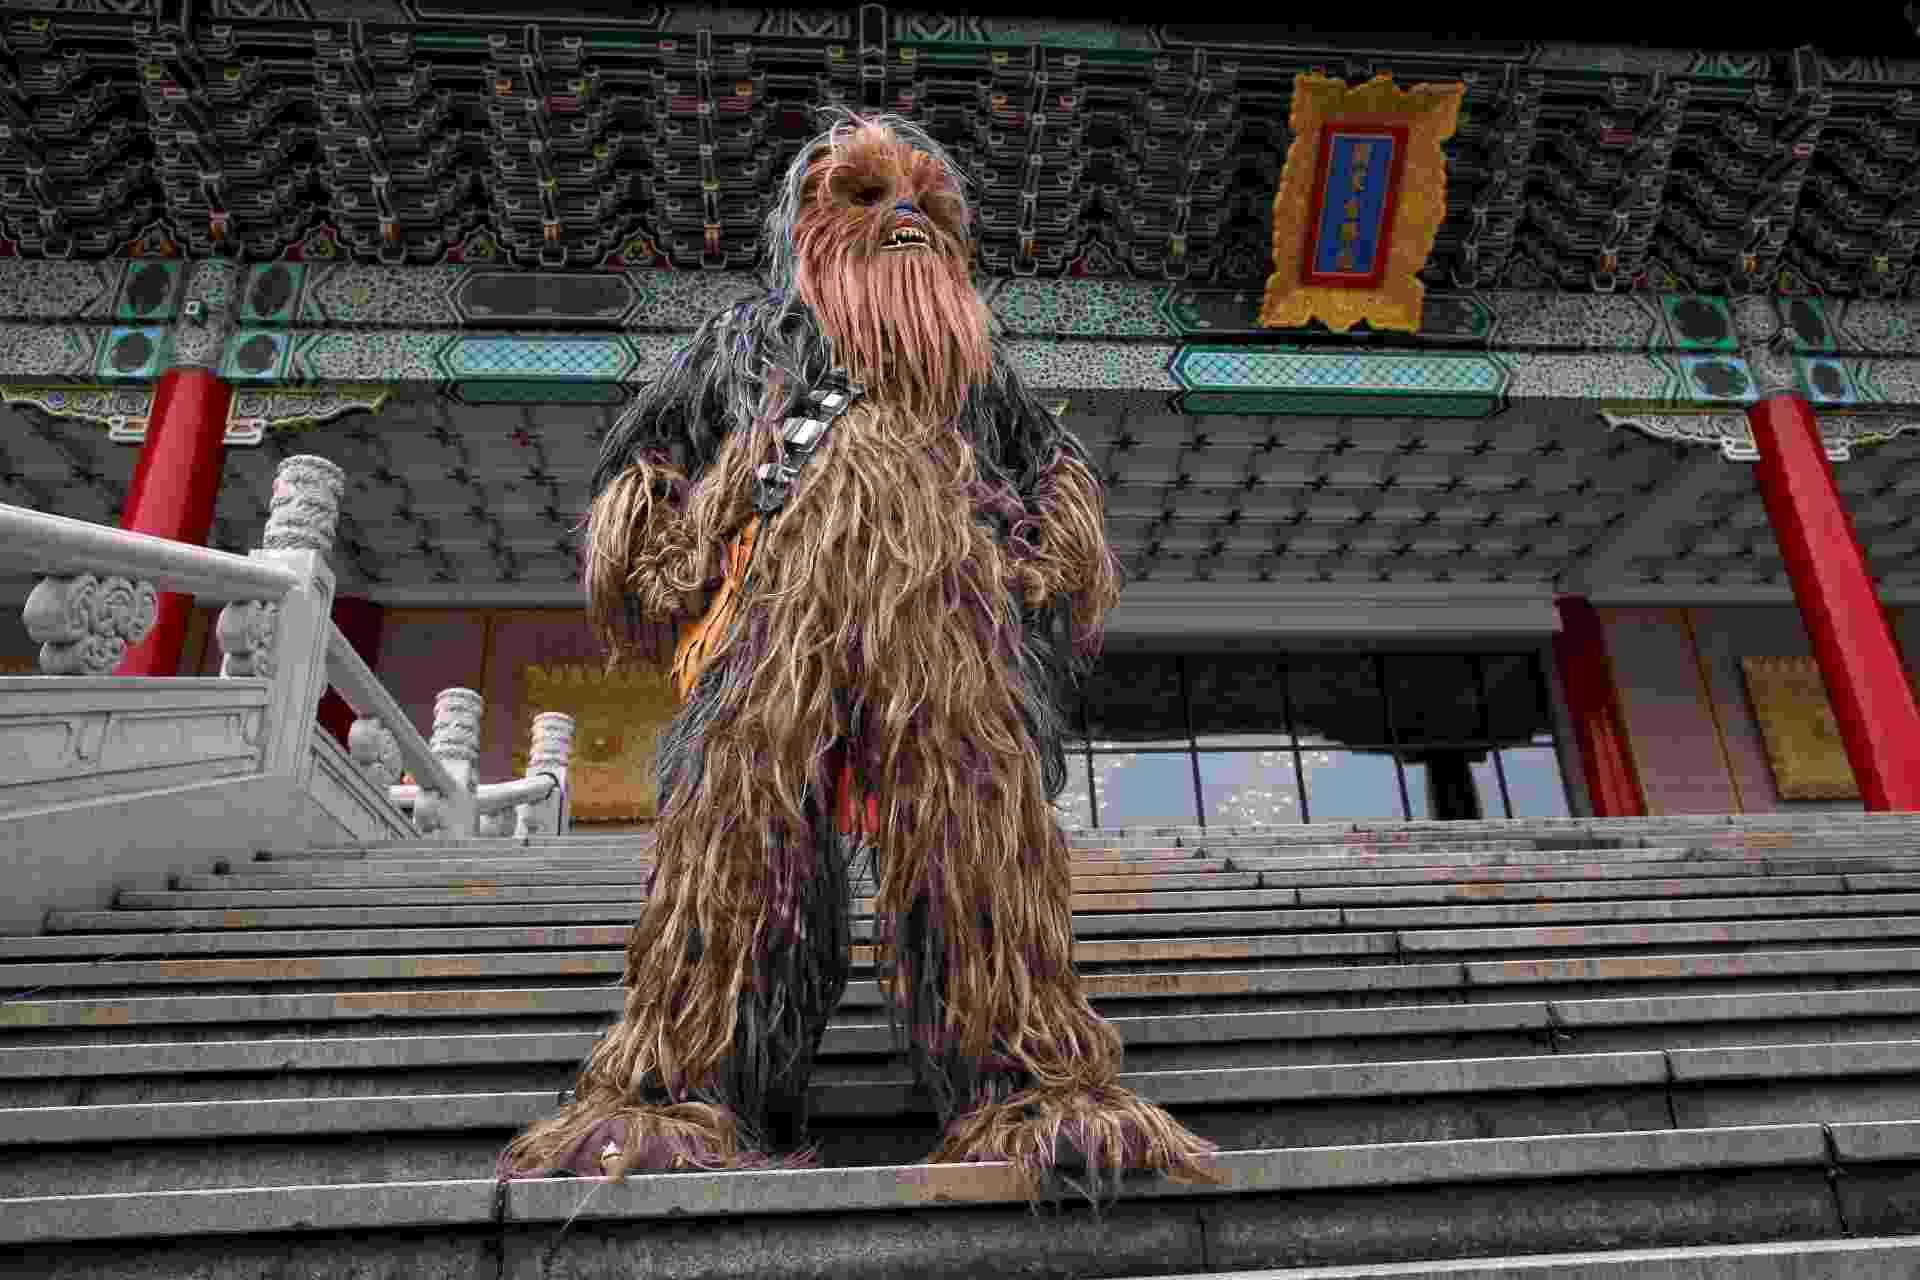 04.mai.2016 -  Fã festido de Chewbacca se apresenta em Taipei, no Taiwan - Tyrone Siu/Reuters